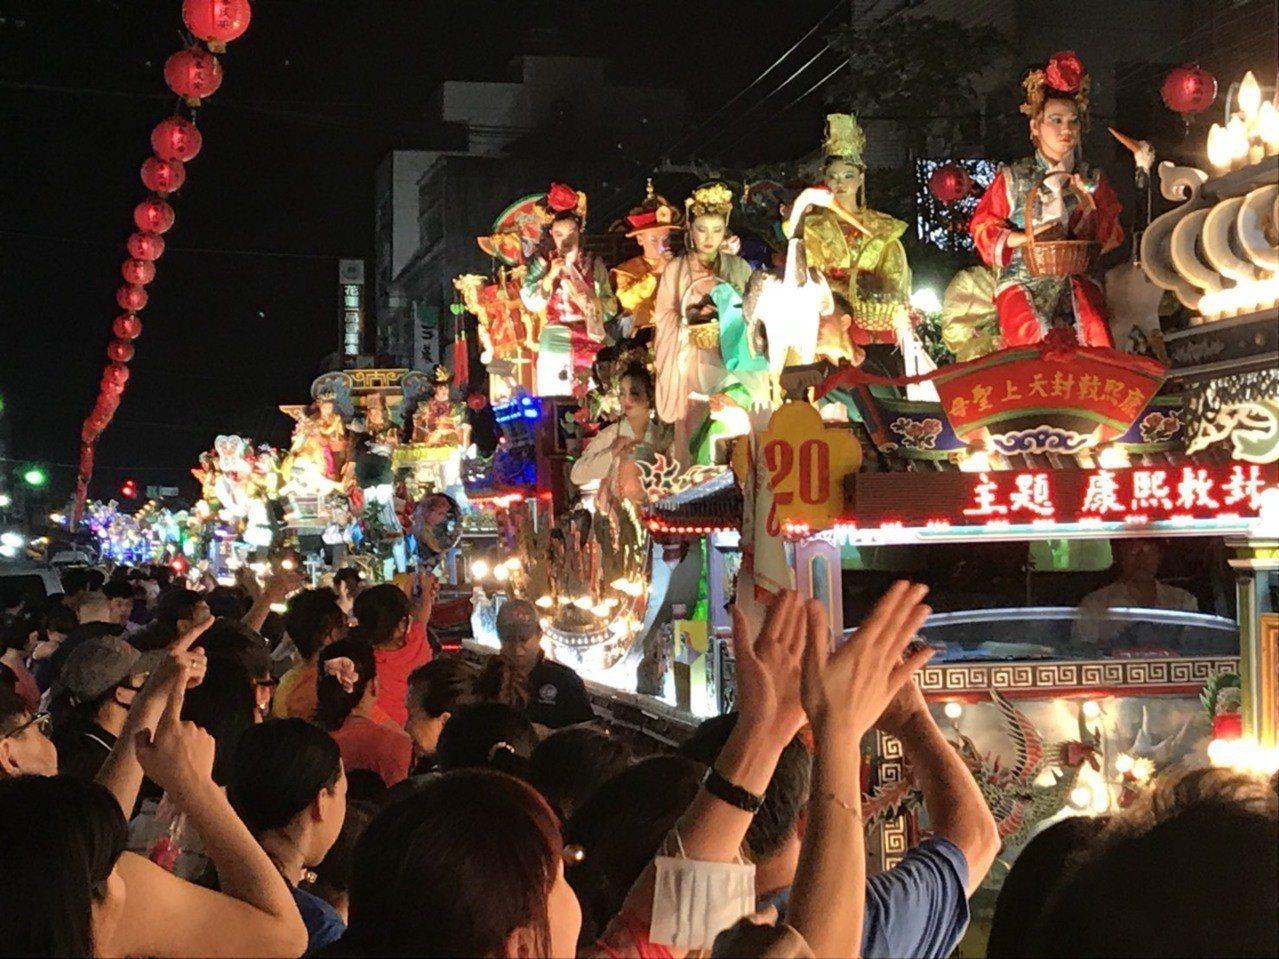 五彩繽紛的藝閣車是遊客最愛。記者蔡維斌/存檔照片